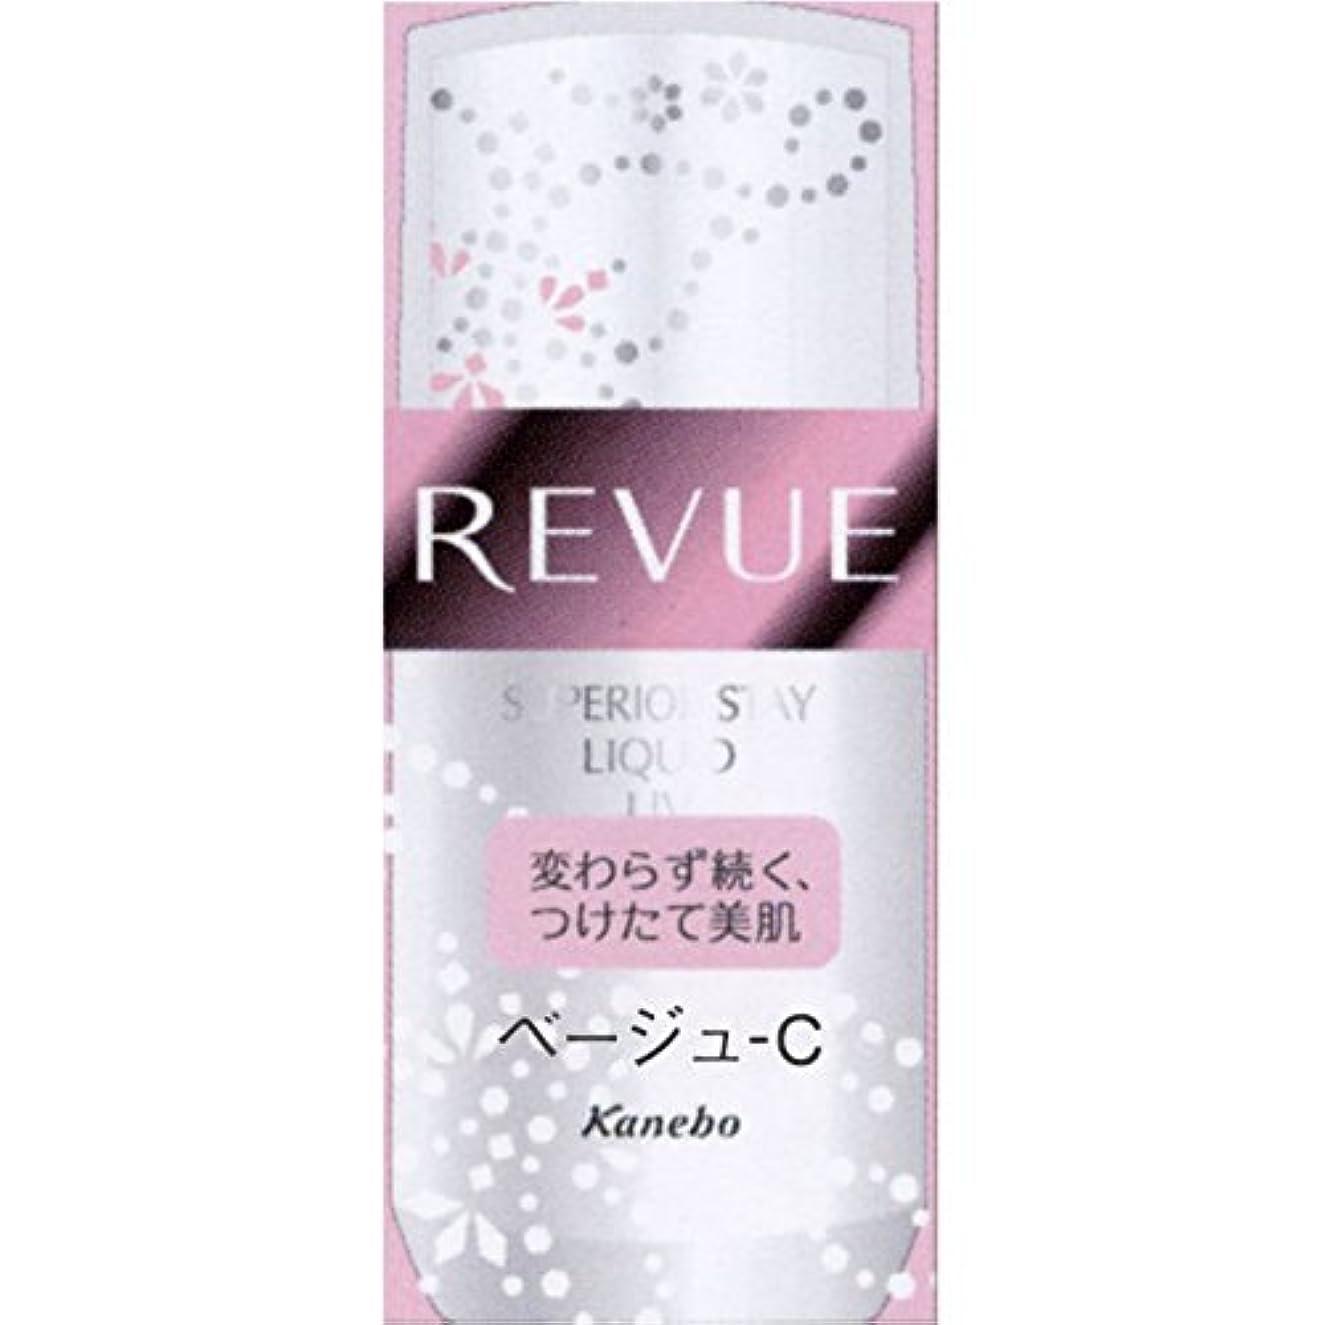 端末思いつく縞模様のカネボウレヴュー(REVUE)スーペリアステイリクイドUVn  カラー:ベージュC